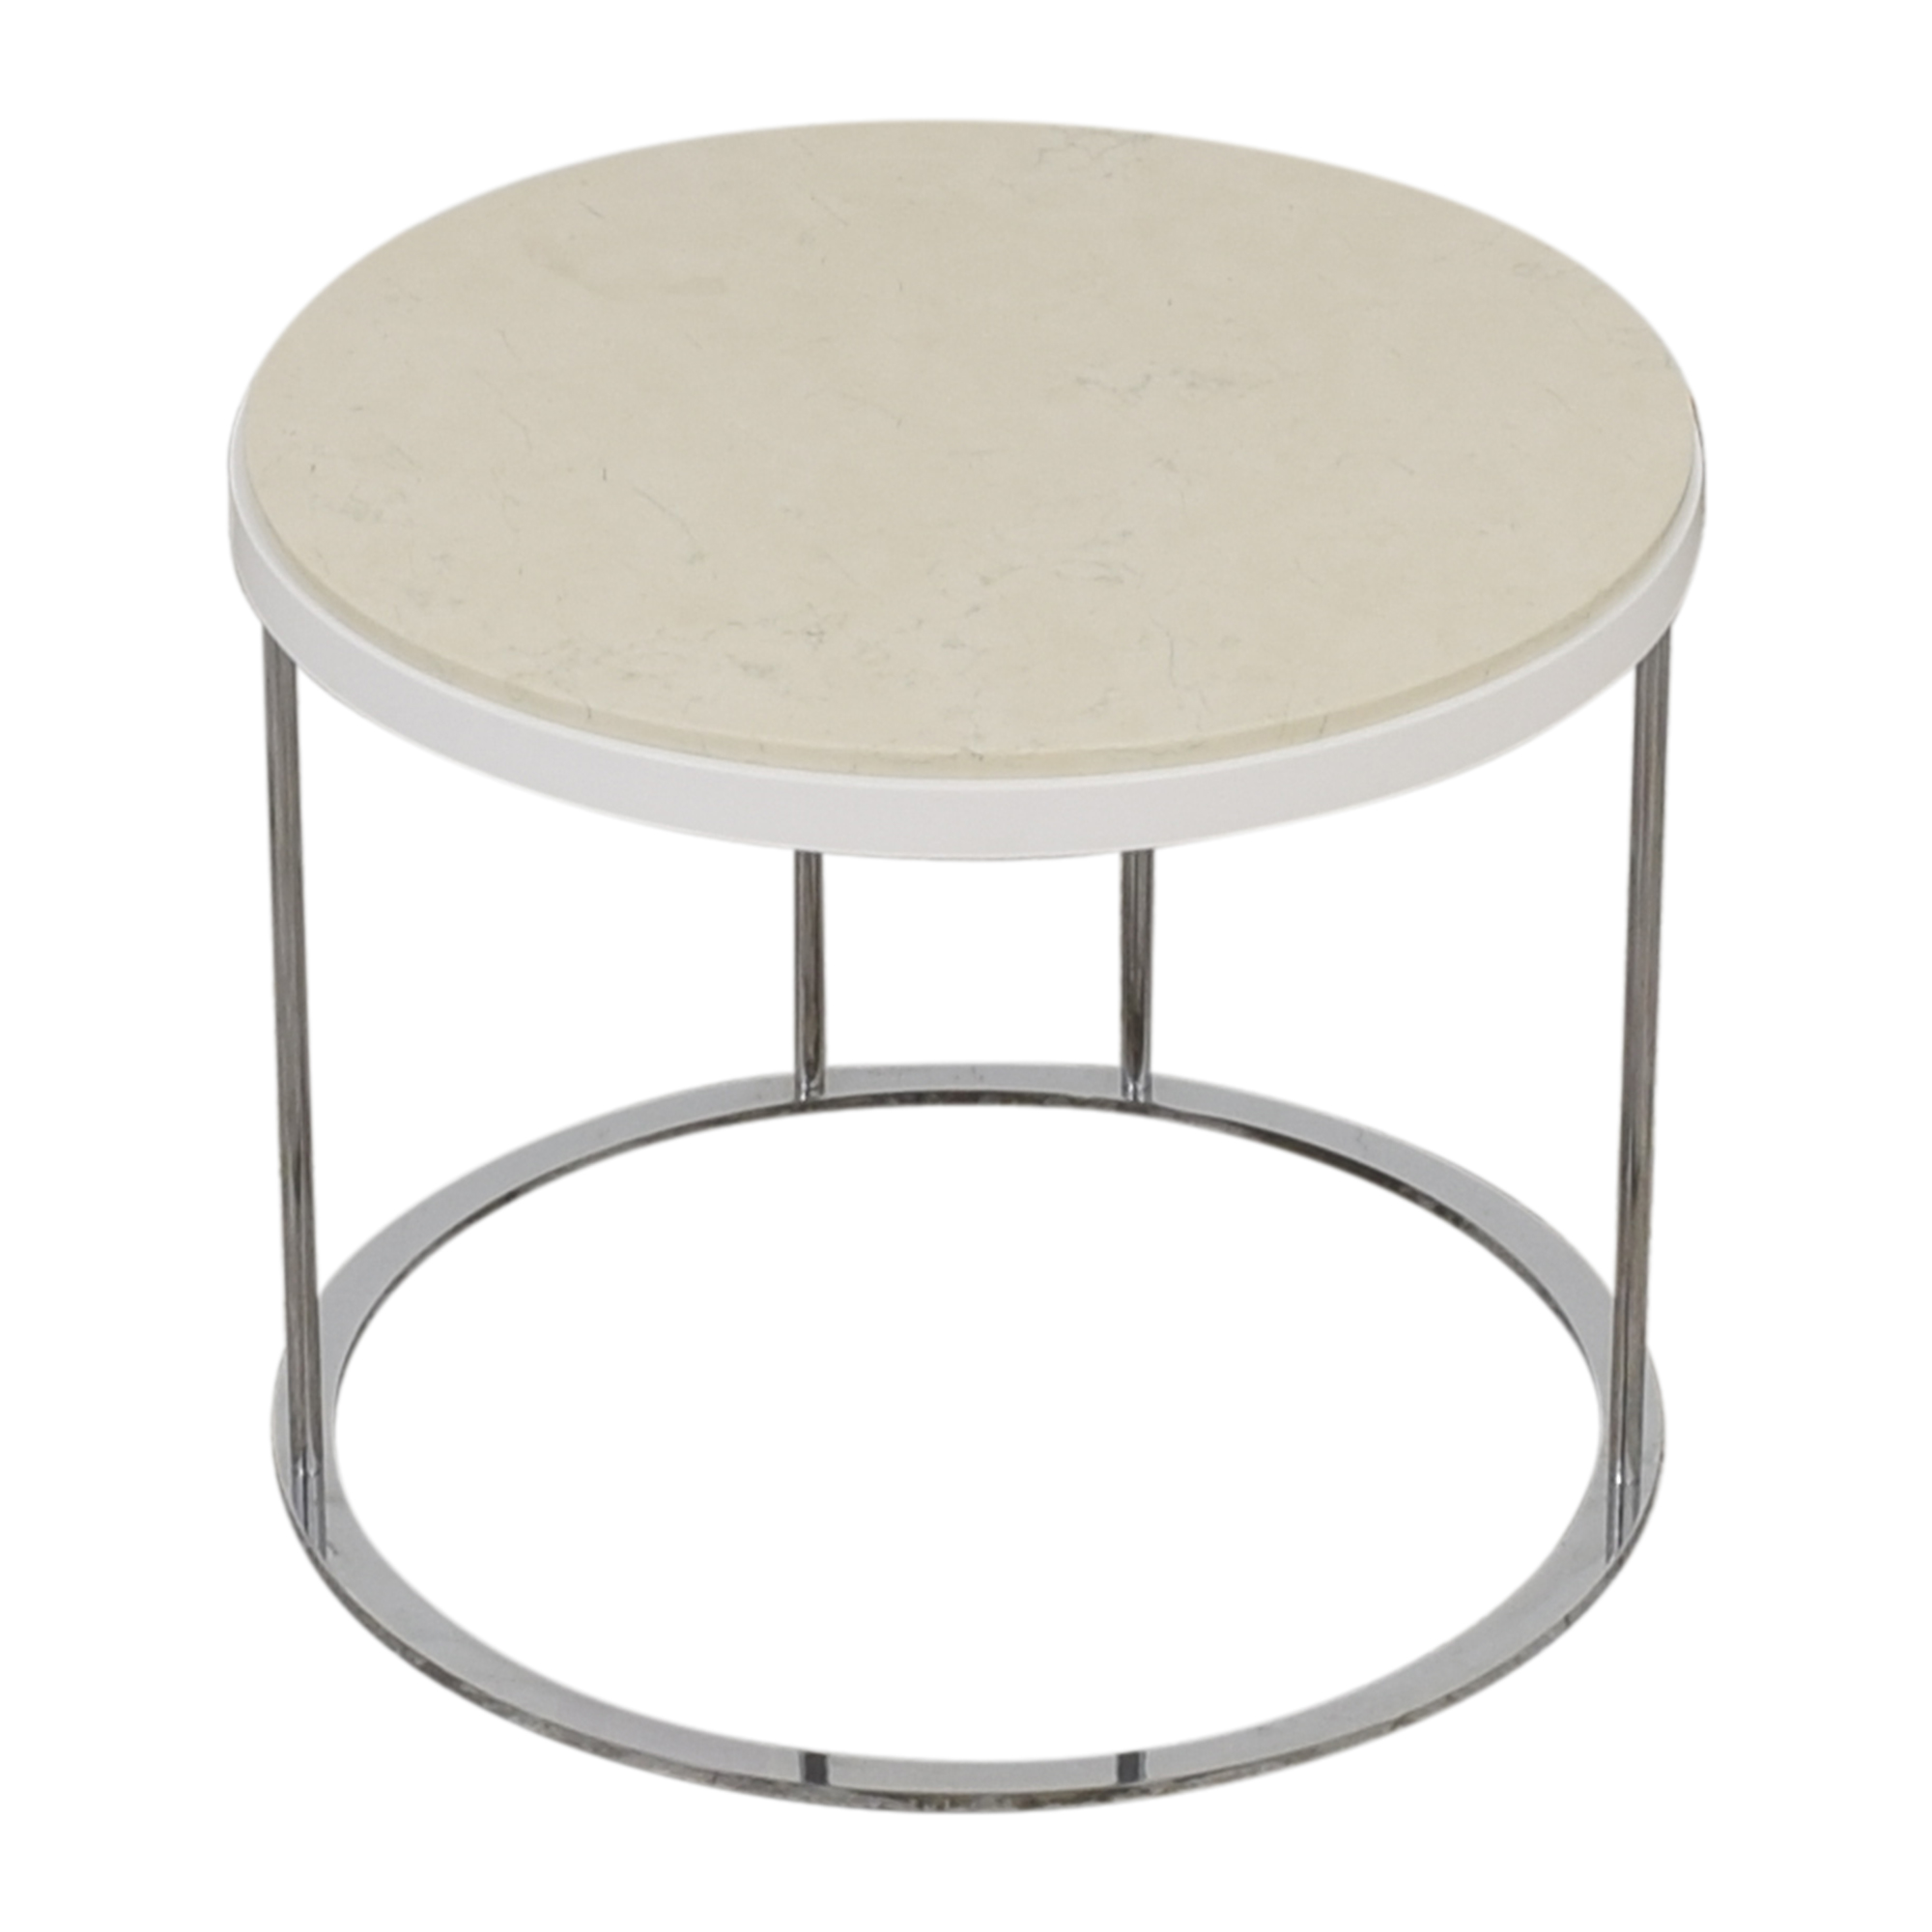 shop Koleksiyon Perrino End Table Koleksiyon